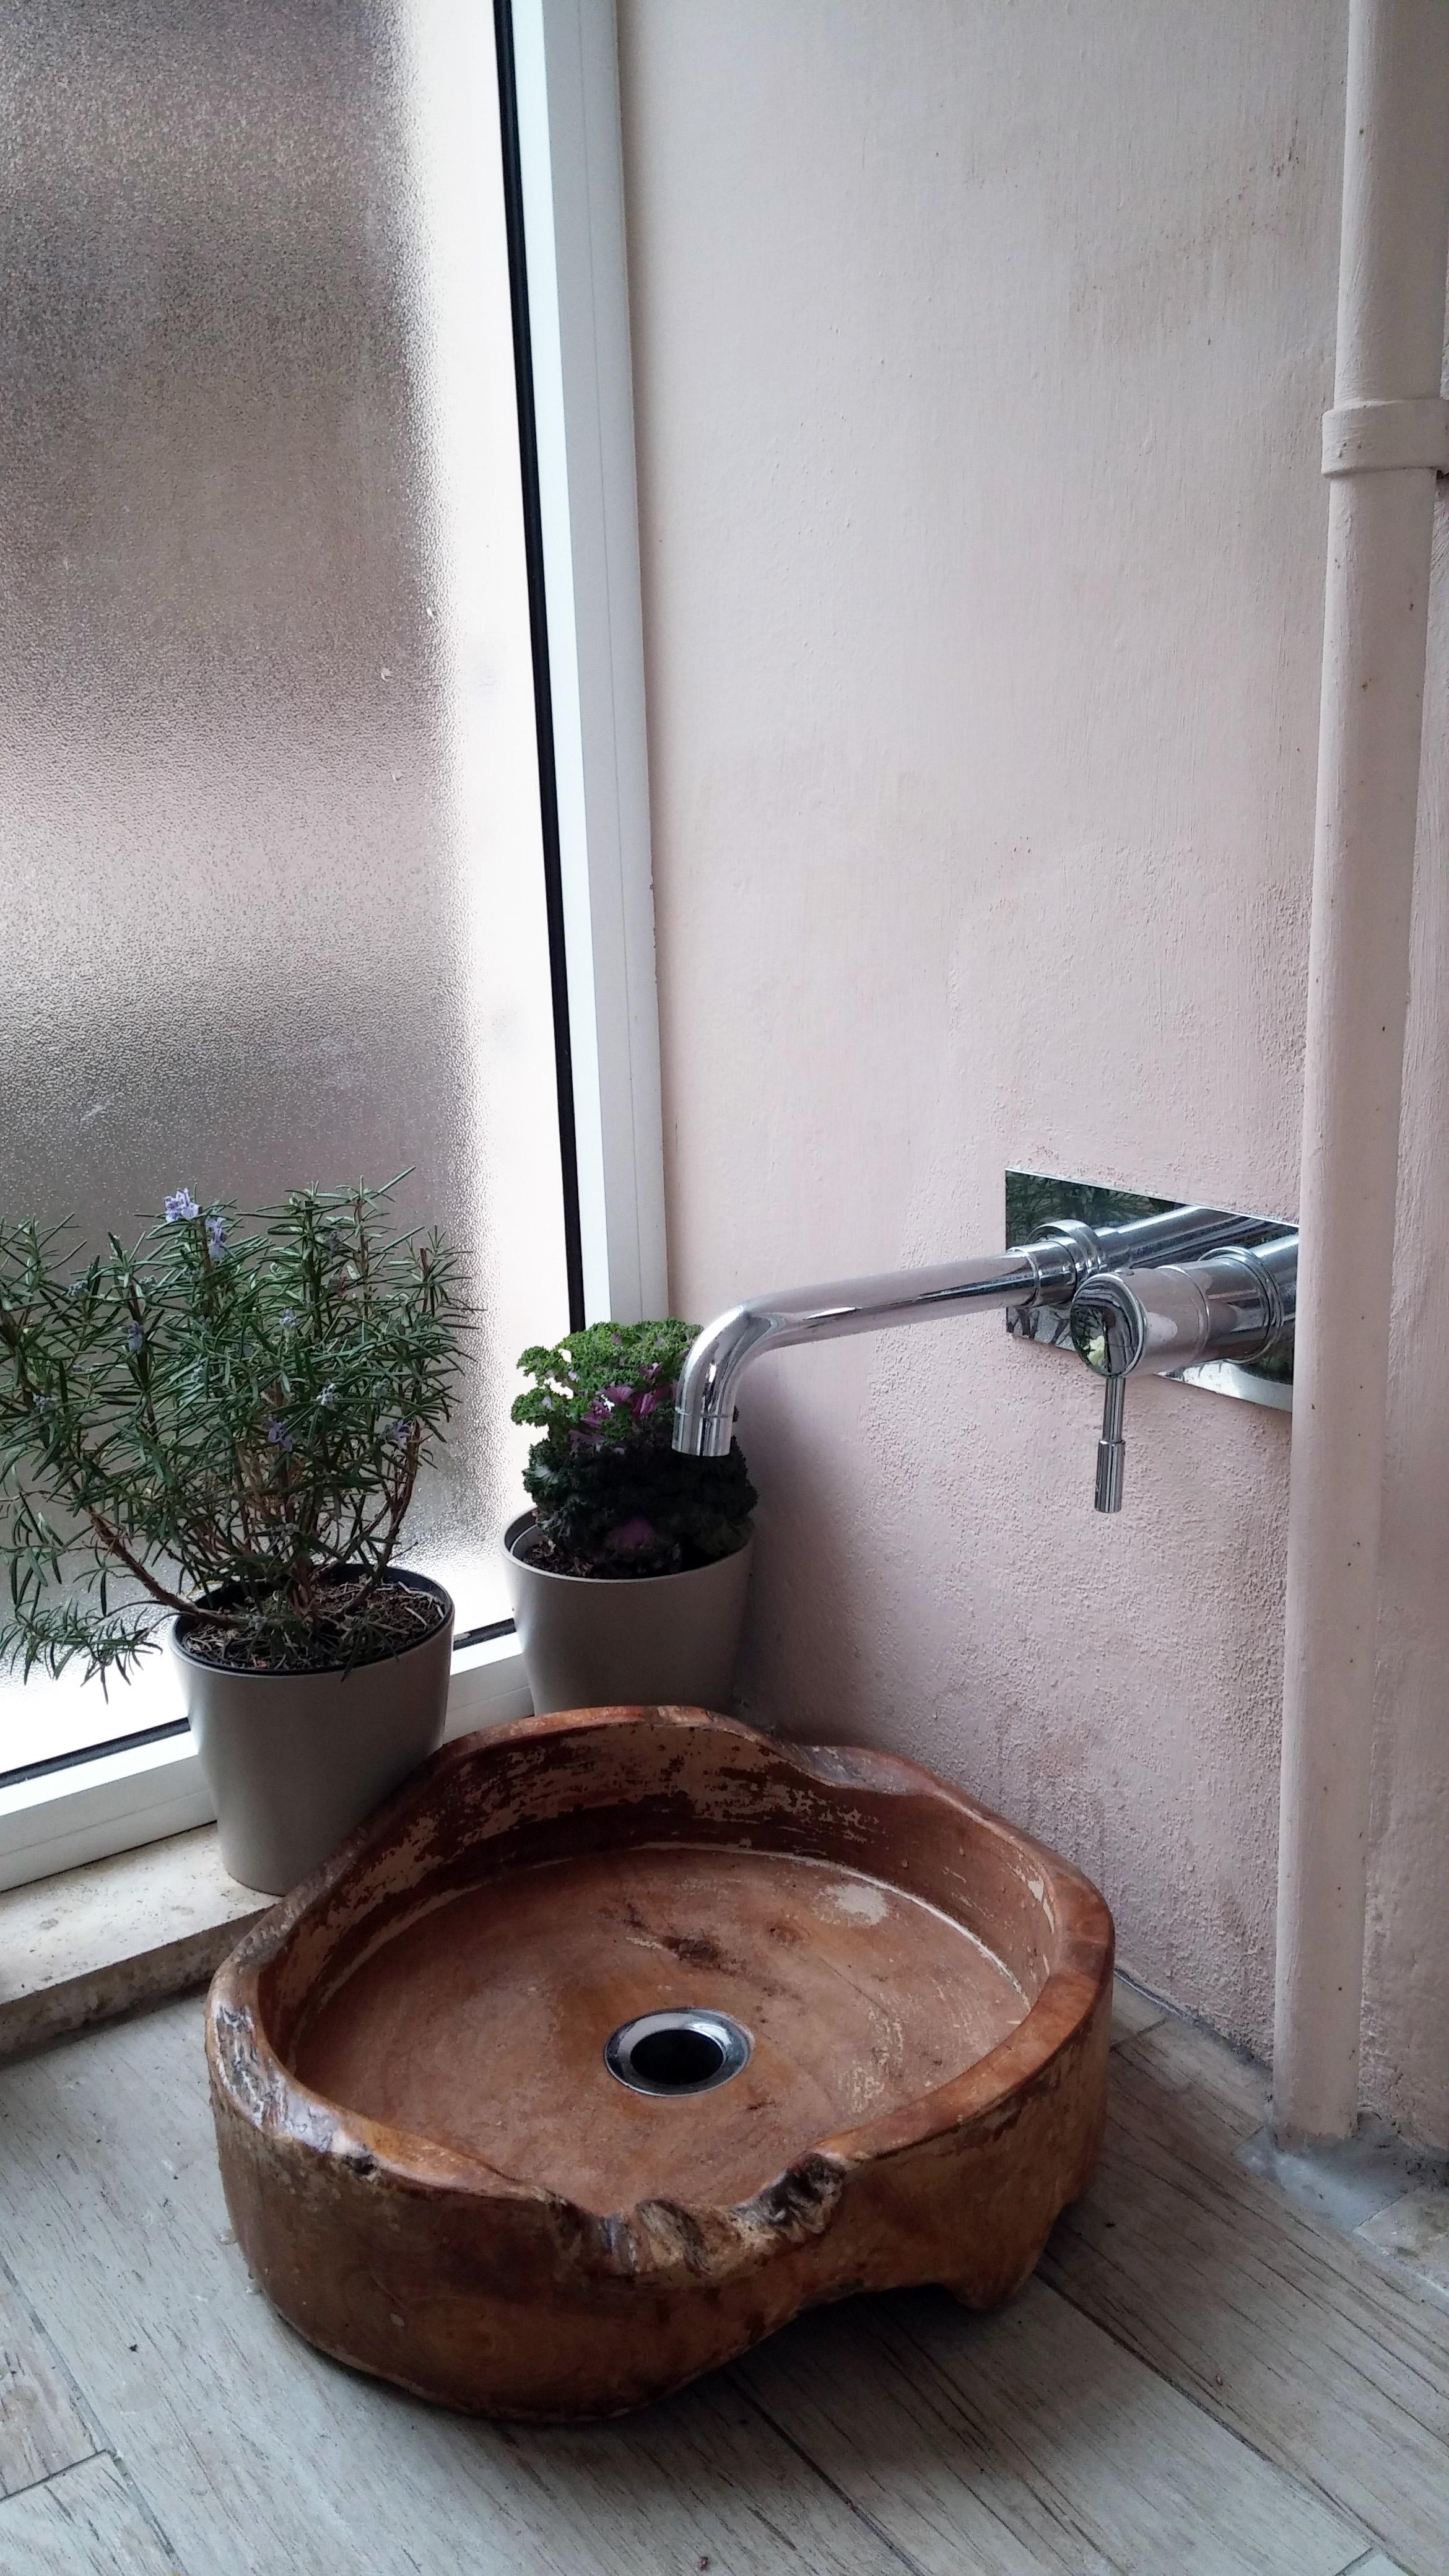 Dettagli lavabo in legno